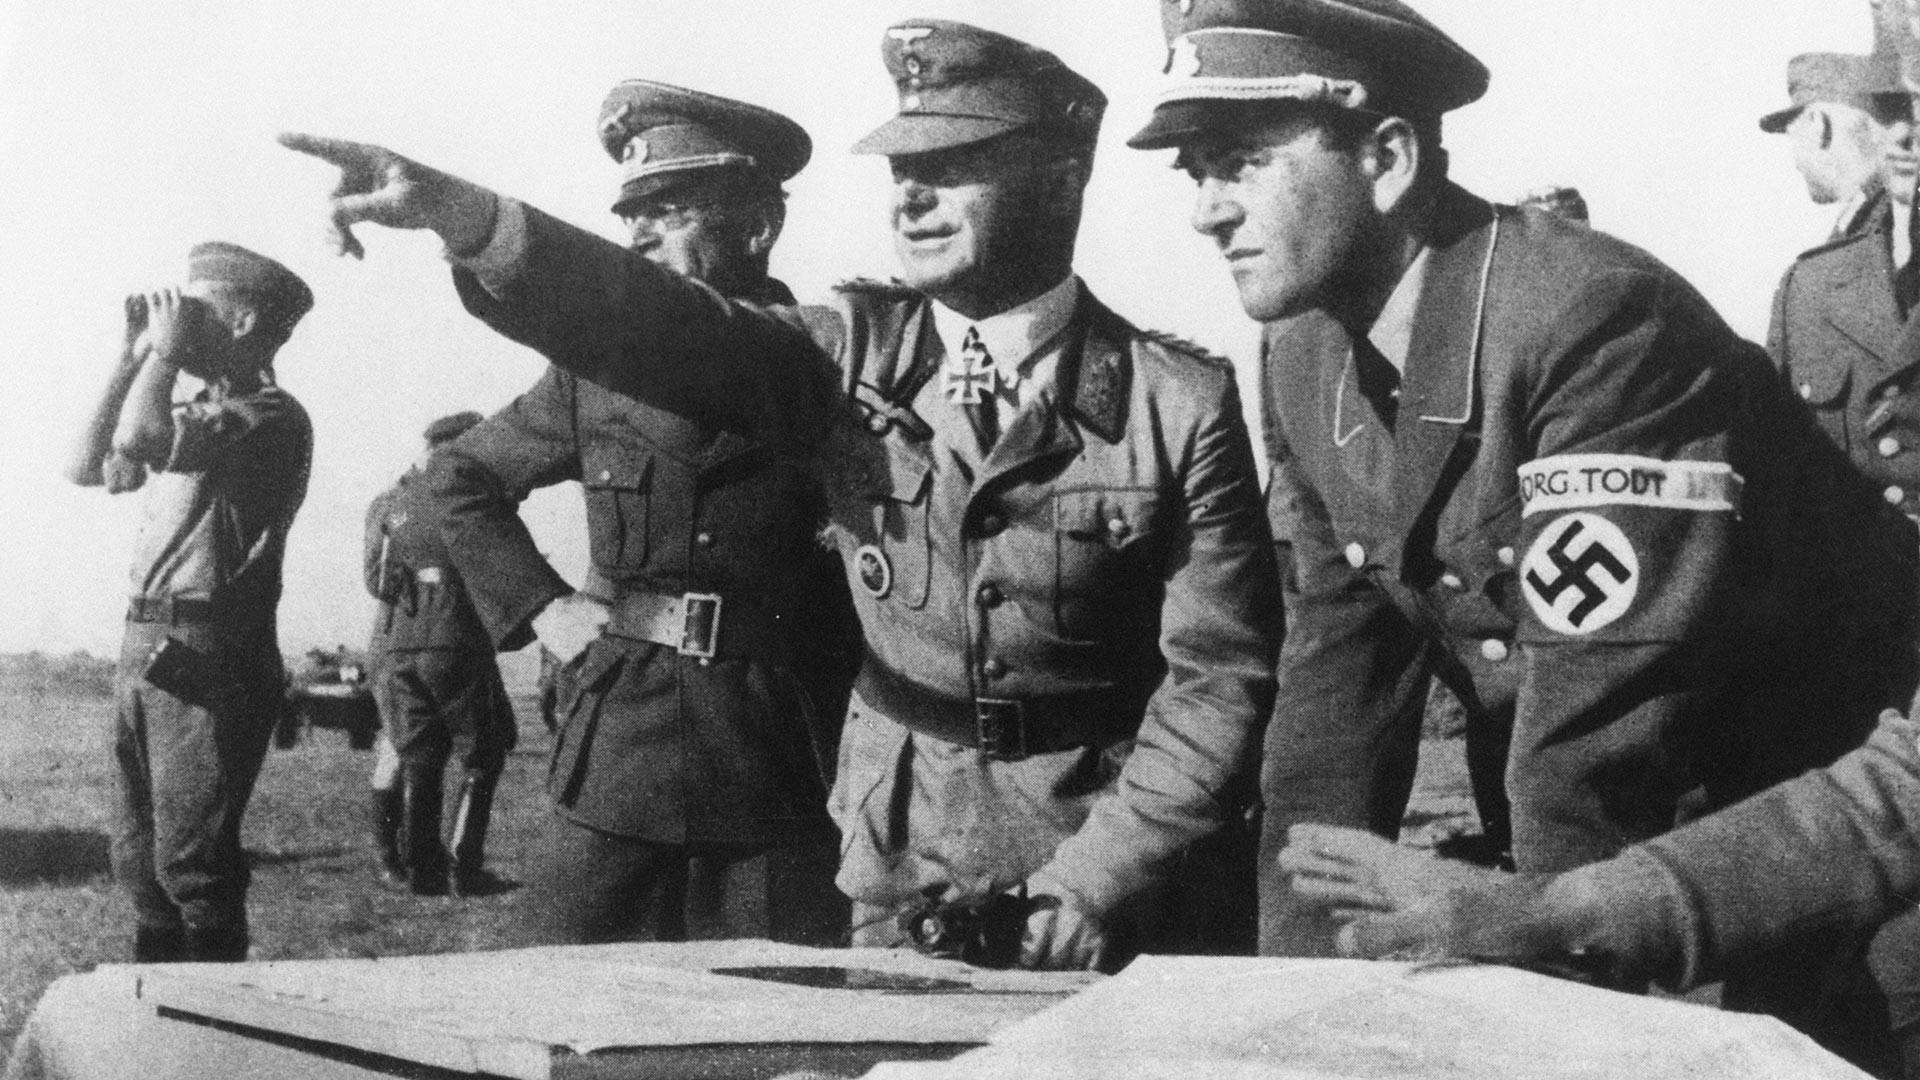 Il ministro tedesco agli armamenti e alla produzione bellica del Terzo Reich, con gli ufficiali del gruppo di ingegneria militare Organizzazione Todt sul fronte orientale, 1943